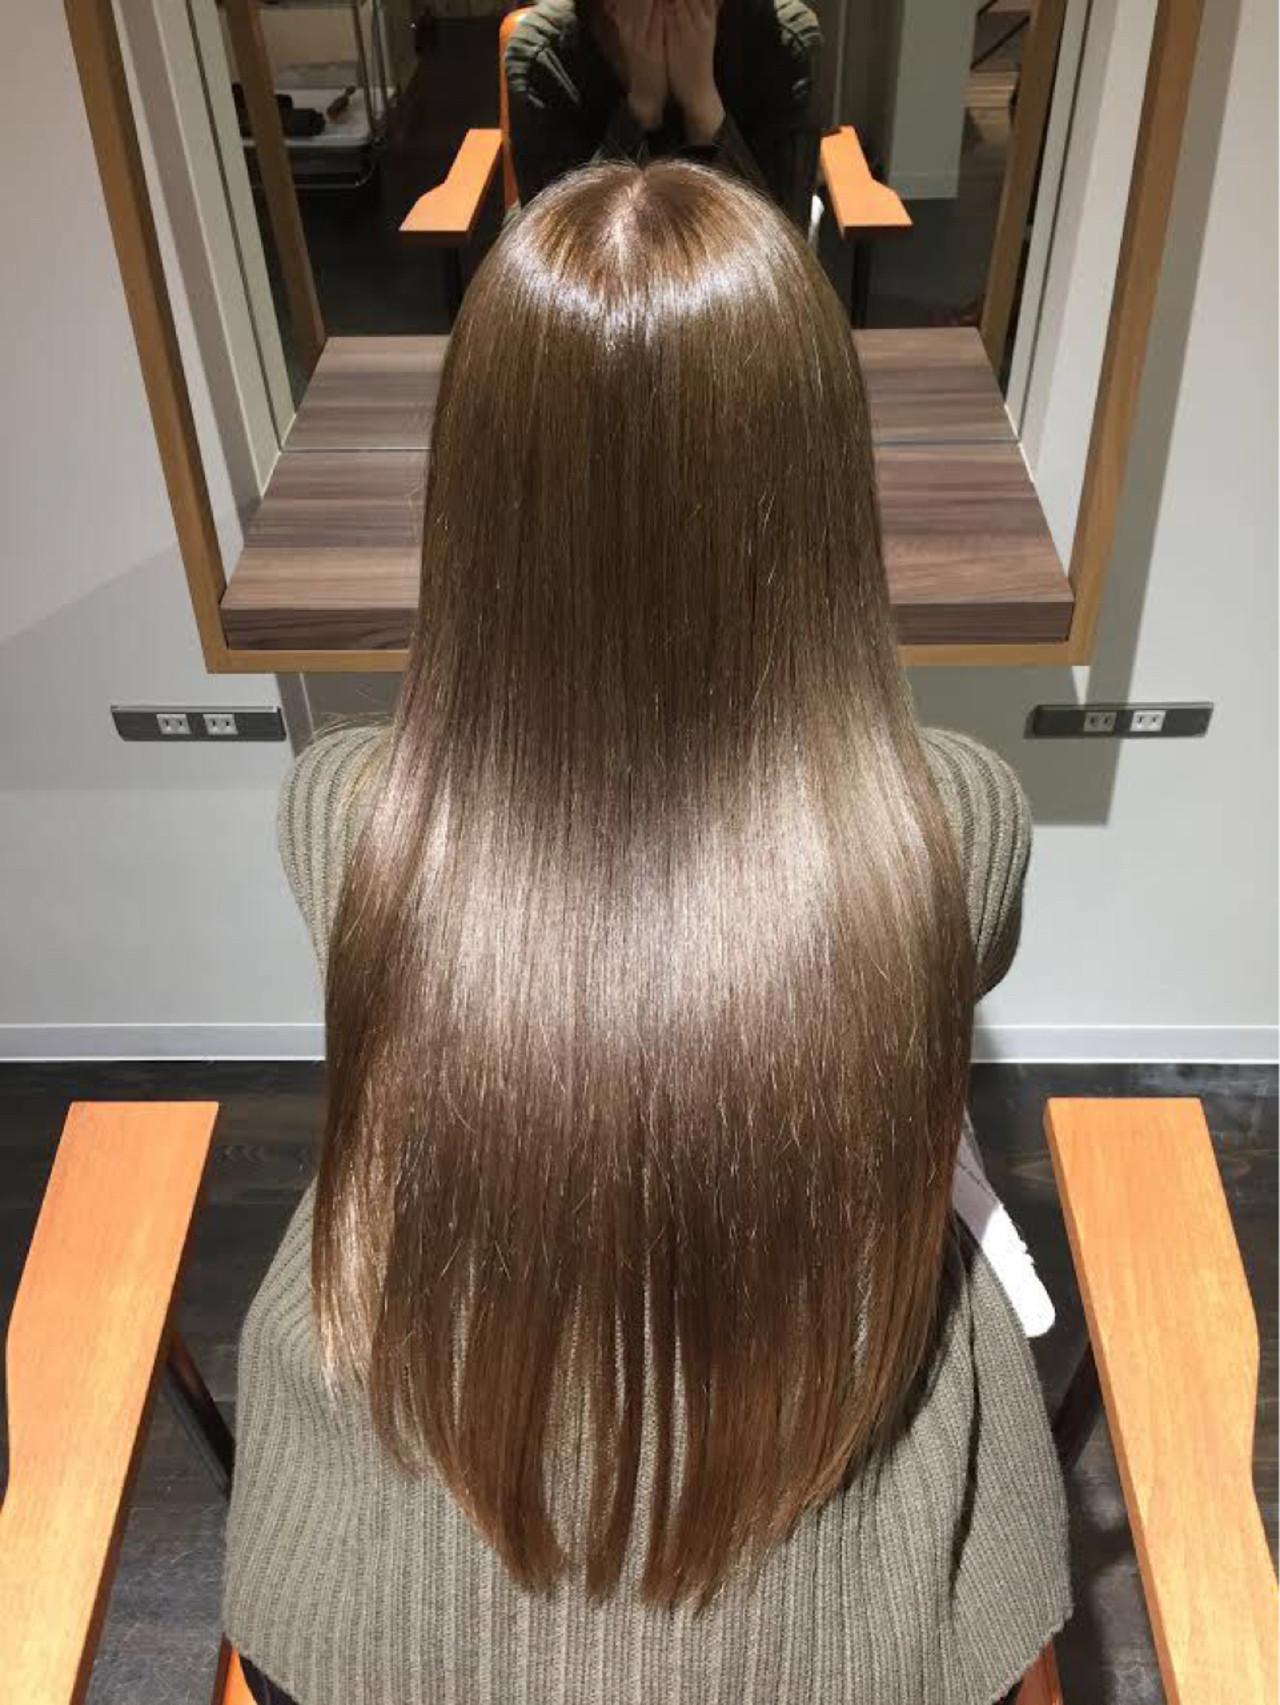 ナチュラル ロング 大人女子 パーマ ヘアスタイルや髪型の写真・画像 | 細田 直亨 / Lino** / Lino** 表参道・原宿